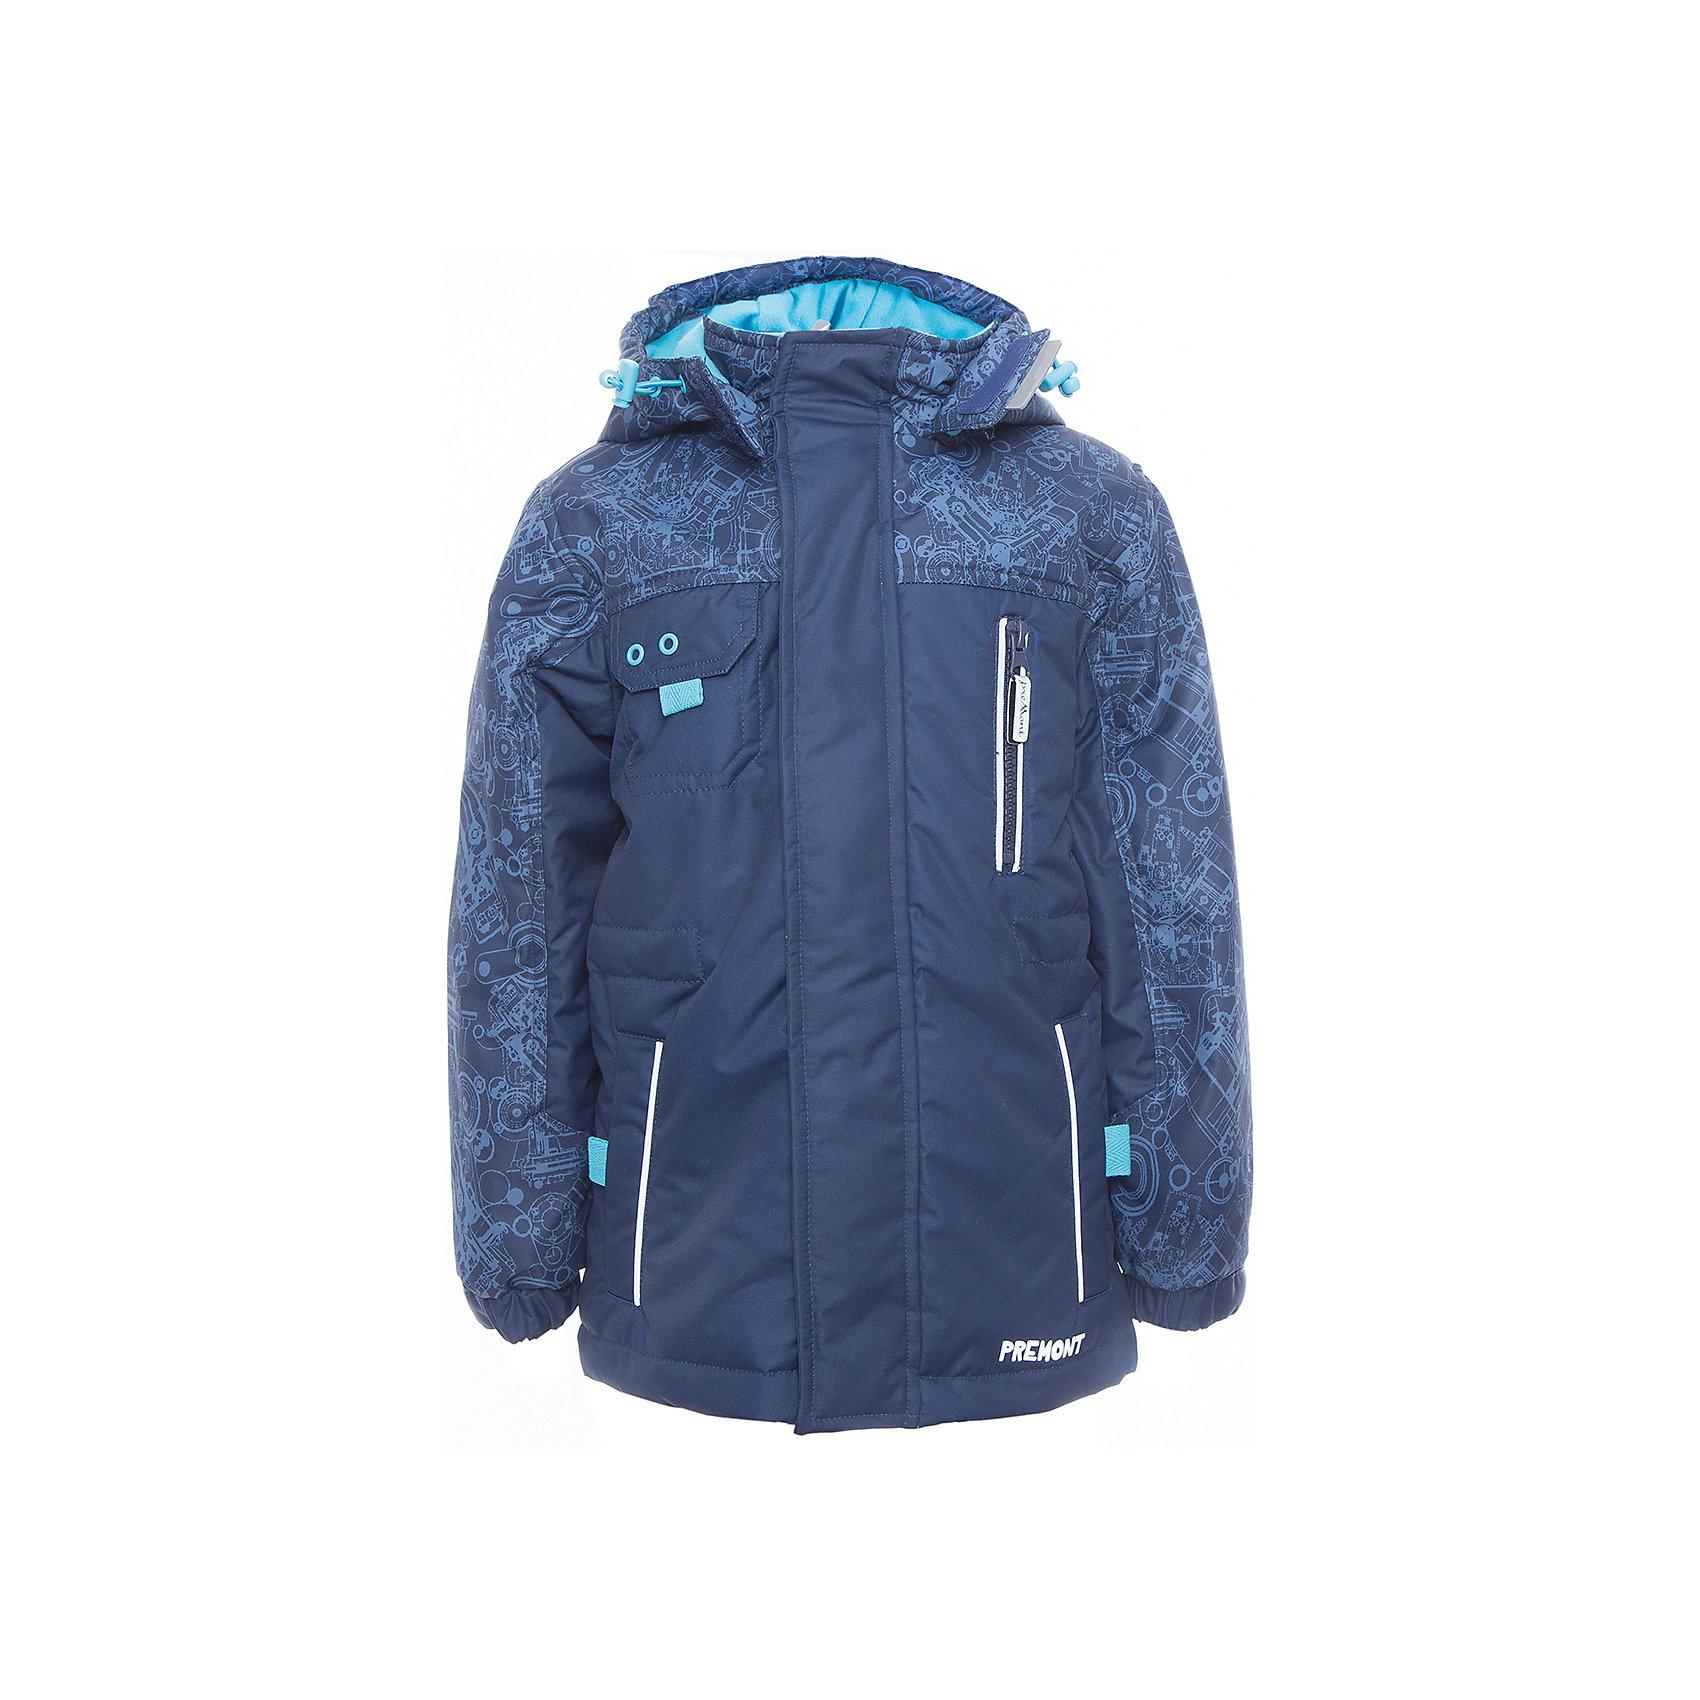 Парка для мальчика PremontВерхняя одежда<br>Характеристики товара:<br><br>• цвет: синий<br>• материал верха: 100% полиэстер, мембрана 3000 мм/ 3000 г/м ?/24h<br>• подкладка - тафетта, трикотаж с ворсом на воротнике и в капюшоне<br>• утеплитель - Tech-Polyfill, 120 г/м2<br>• температурный режим: от -5° С до +10° С<br>• водонепроницаемый материал<br>• съемный капюшон<br>• защита подбородка<br>• эластичные манжеты<br>• комфортная посадка<br>• светоотражающие элементы<br>• молния<br>• страна бренда: Канада<br><br>Демисезонная парка защитит от ветра и дождя. <br>Одежда от канадского бренда Premont пользуются популярностью во многих странах. Она стильная, качественные и удобная. Для производства продукции используются только безопасные, проверенные материалы и фурнитура. Порадуйте ребенка модными и красивыми вещами от Premont! <br><br>Парку для мальчика от известного бренда Premont можно купить в нашем интернет-магазине.<br><br>Ширина мм: 356<br>Глубина мм: 10<br>Высота мм: 245<br>Вес г: 519<br>Цвет: синий<br>Возраст от месяцев: 60<br>Возраст до месяцев: 72<br>Пол: Мужской<br>Возраст: Детский<br>Размер: 116,164,104,110,122,128,134,140,146,152<br>SKU: 5353085